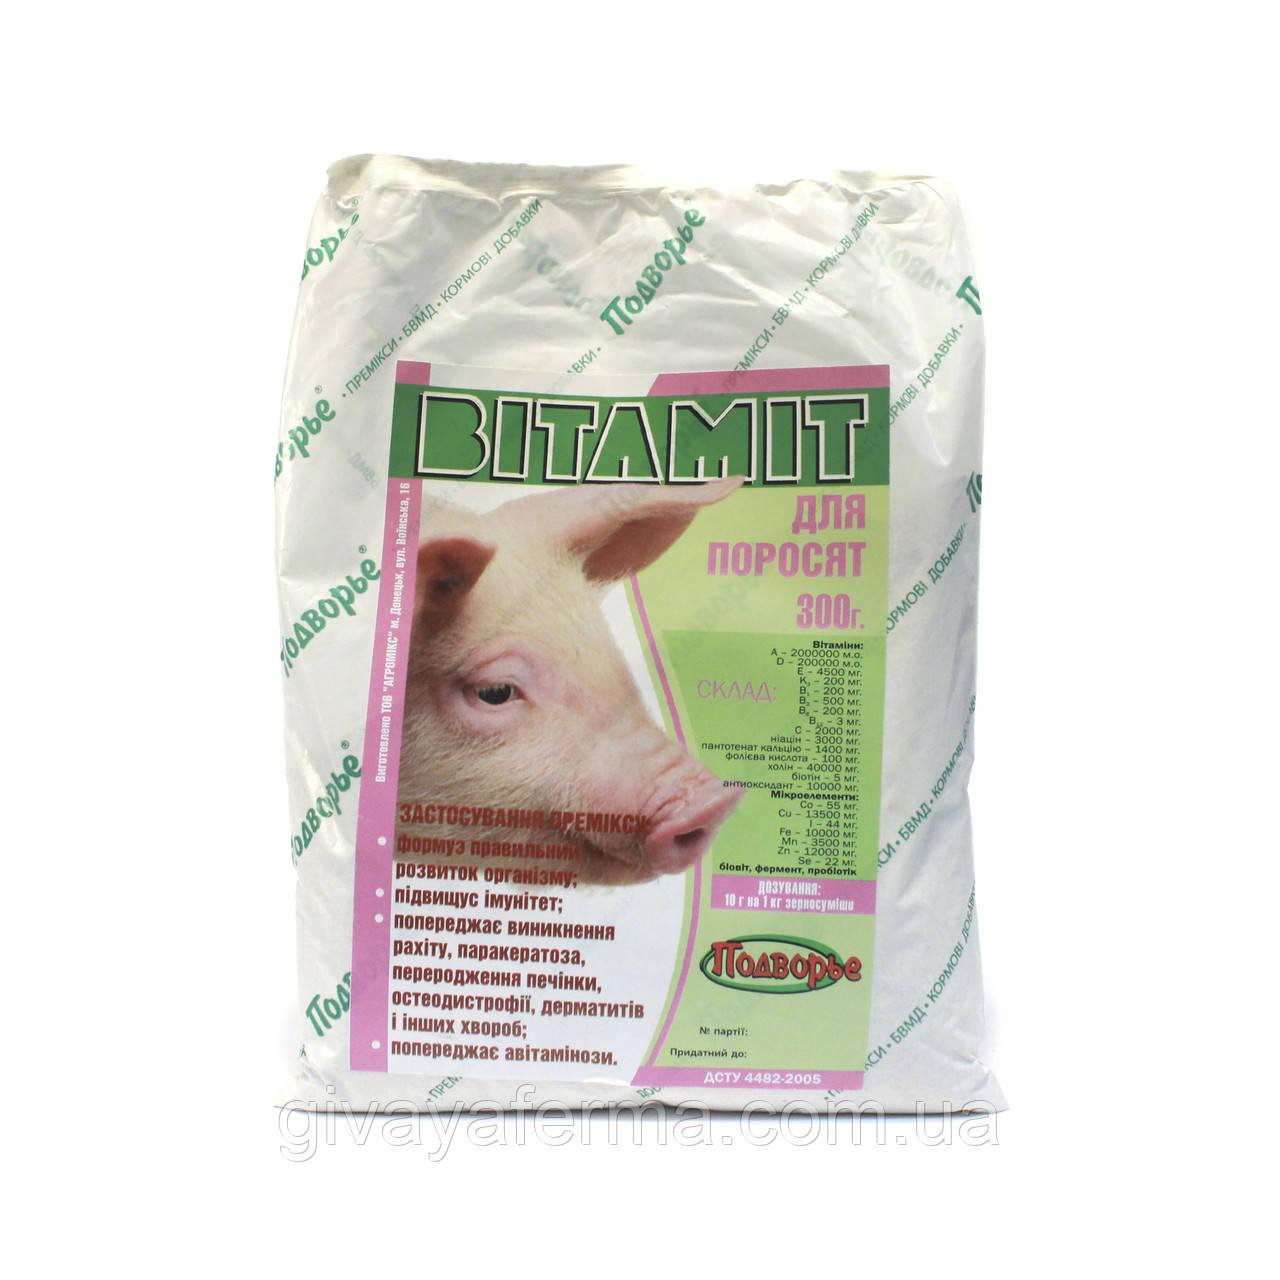 Витаминный премикс Витамит - поросенок 1%, 300 г, витаминно минеральная добавка к корму